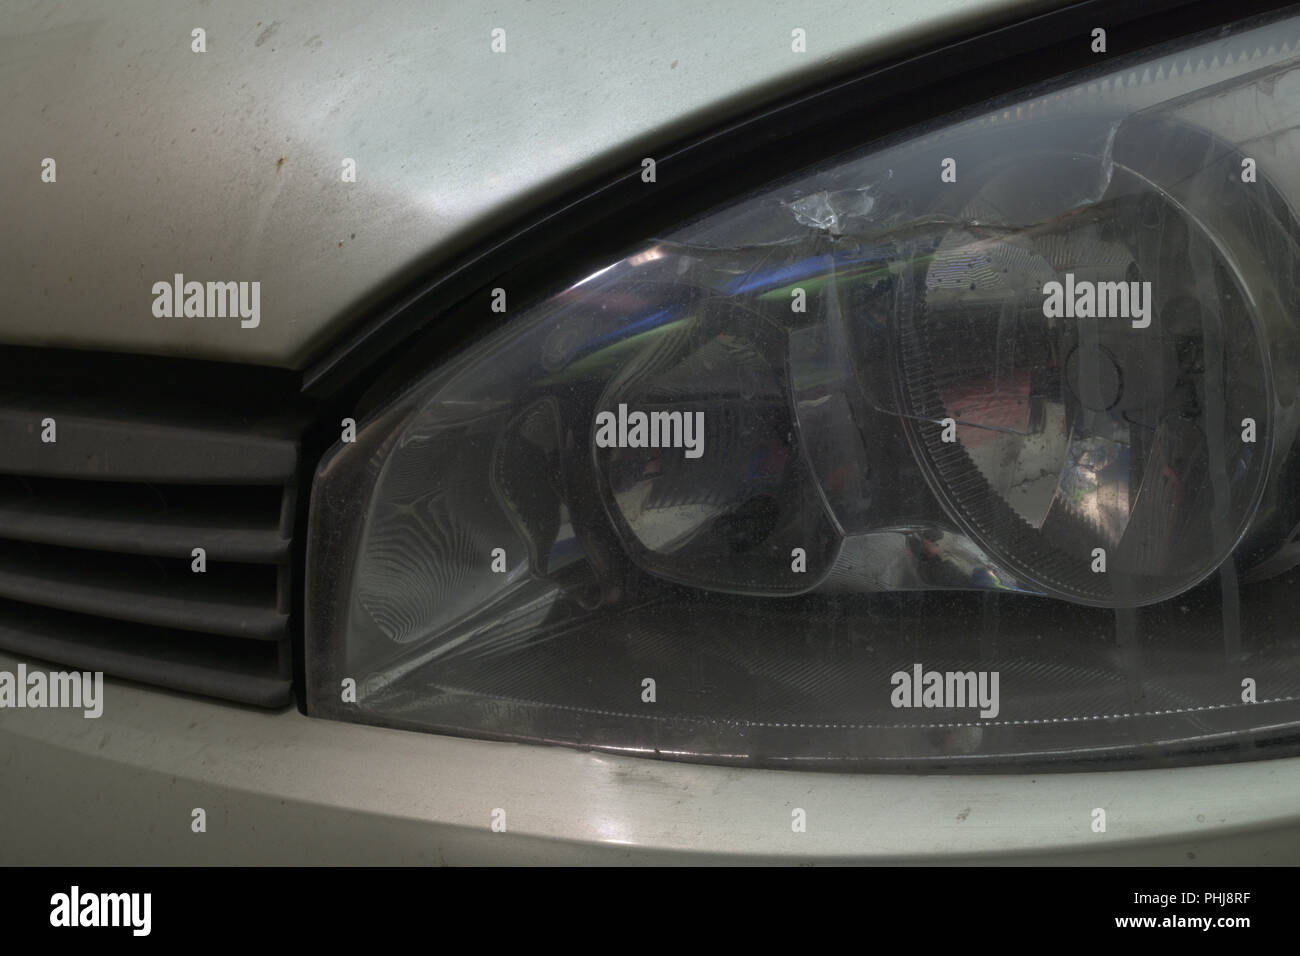 Lampadina Luci Di Posizione : Proiettore anteriore sinistro della vettura con la rottura in